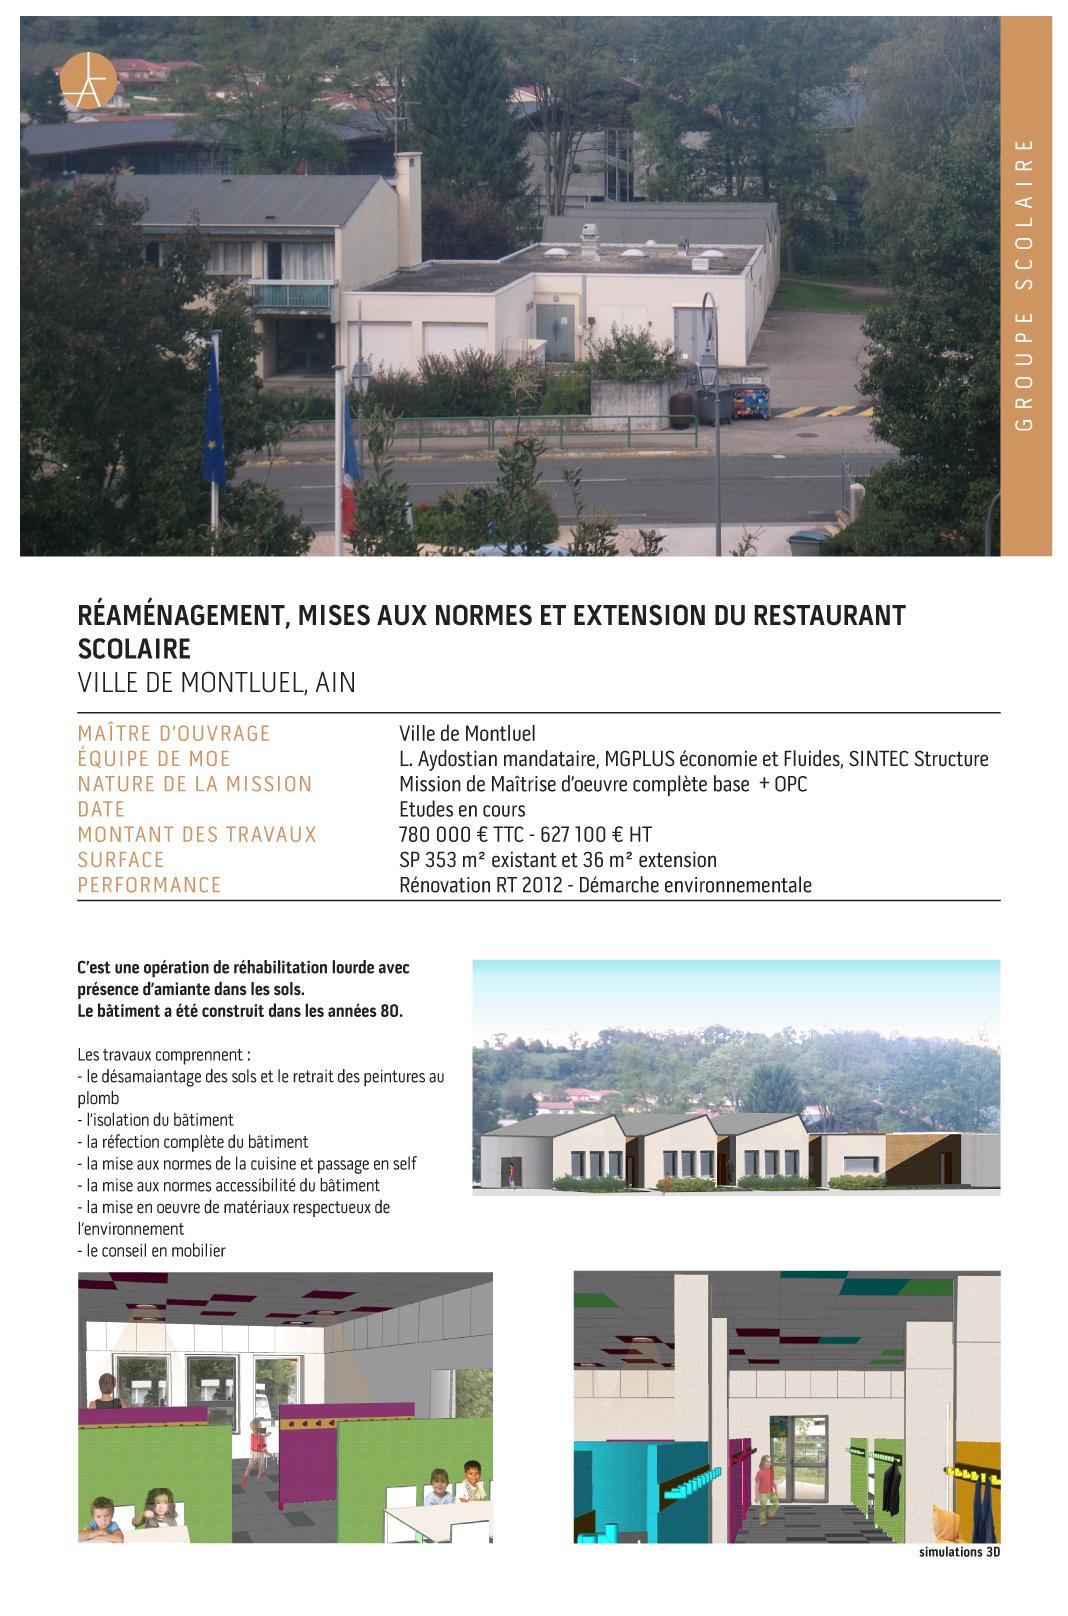 Montluel